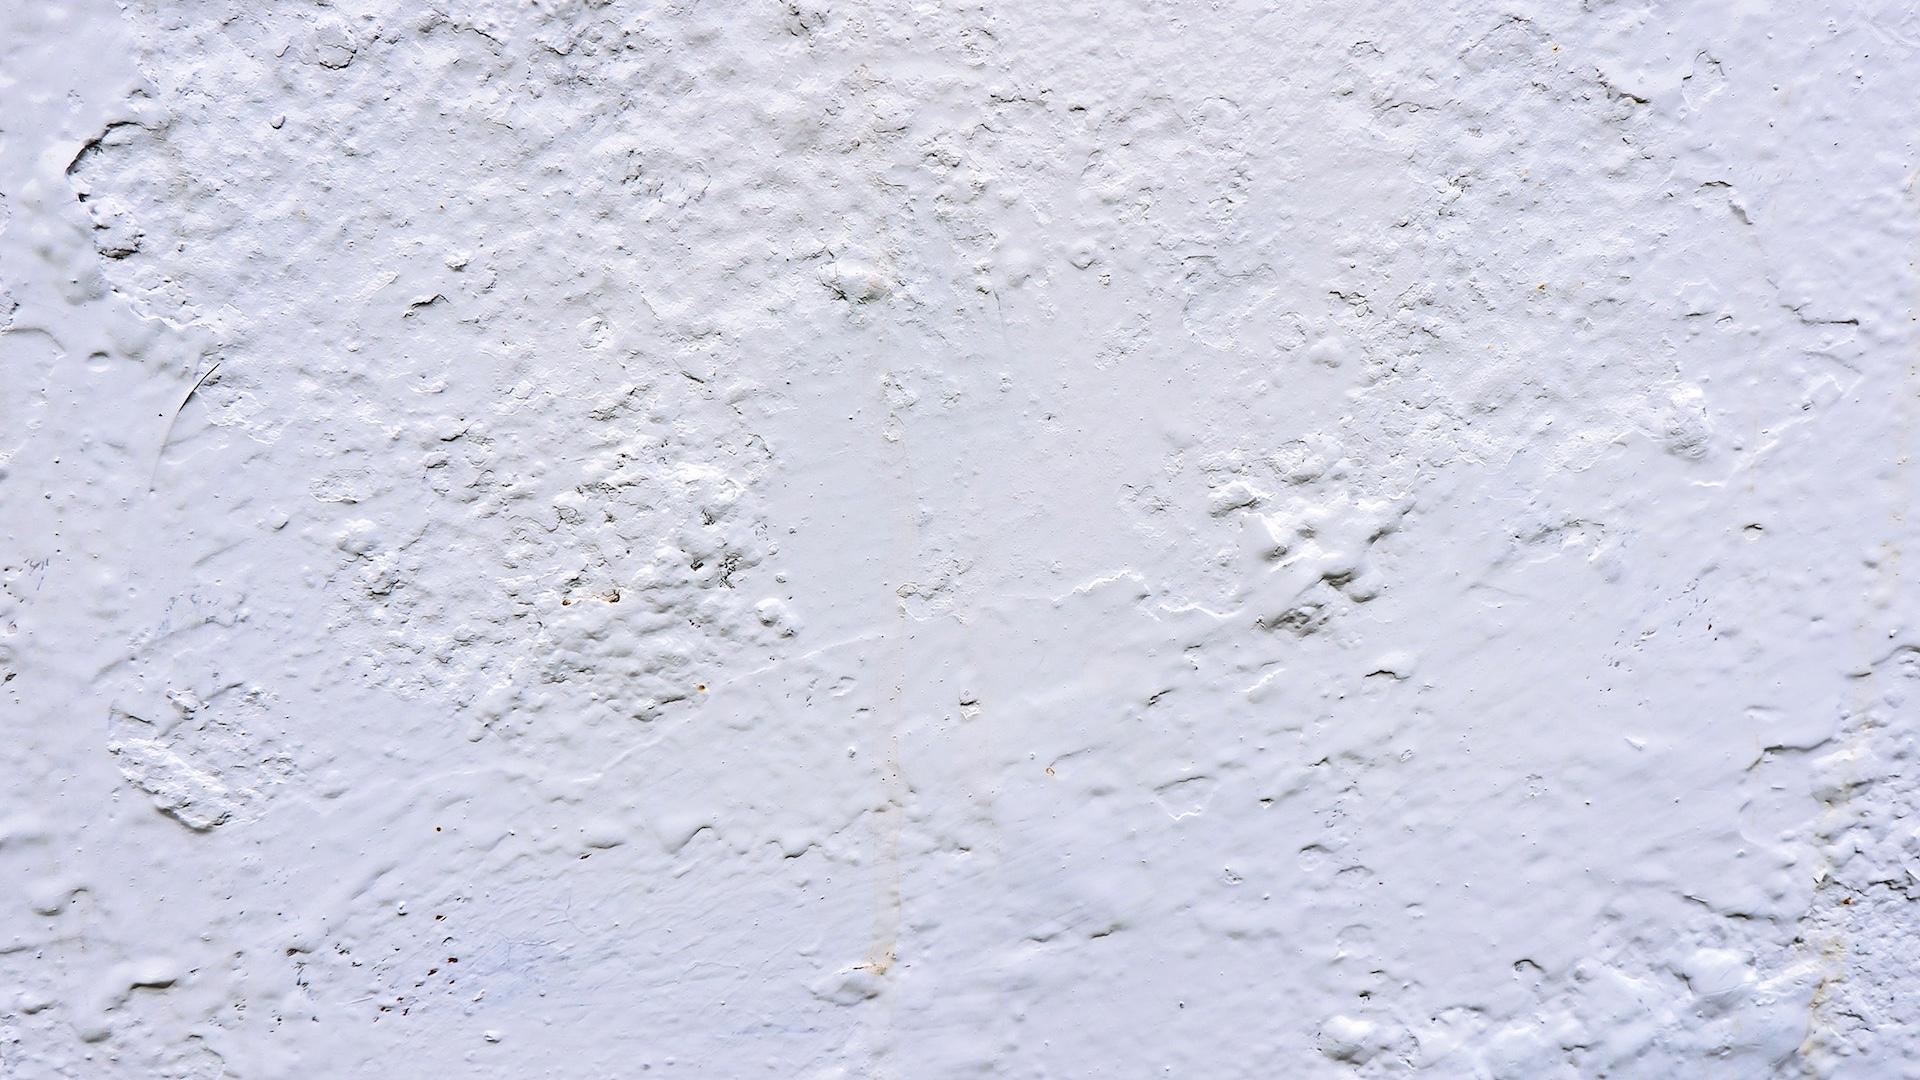 白いペインティングの壁の無料バーチャル背景素材